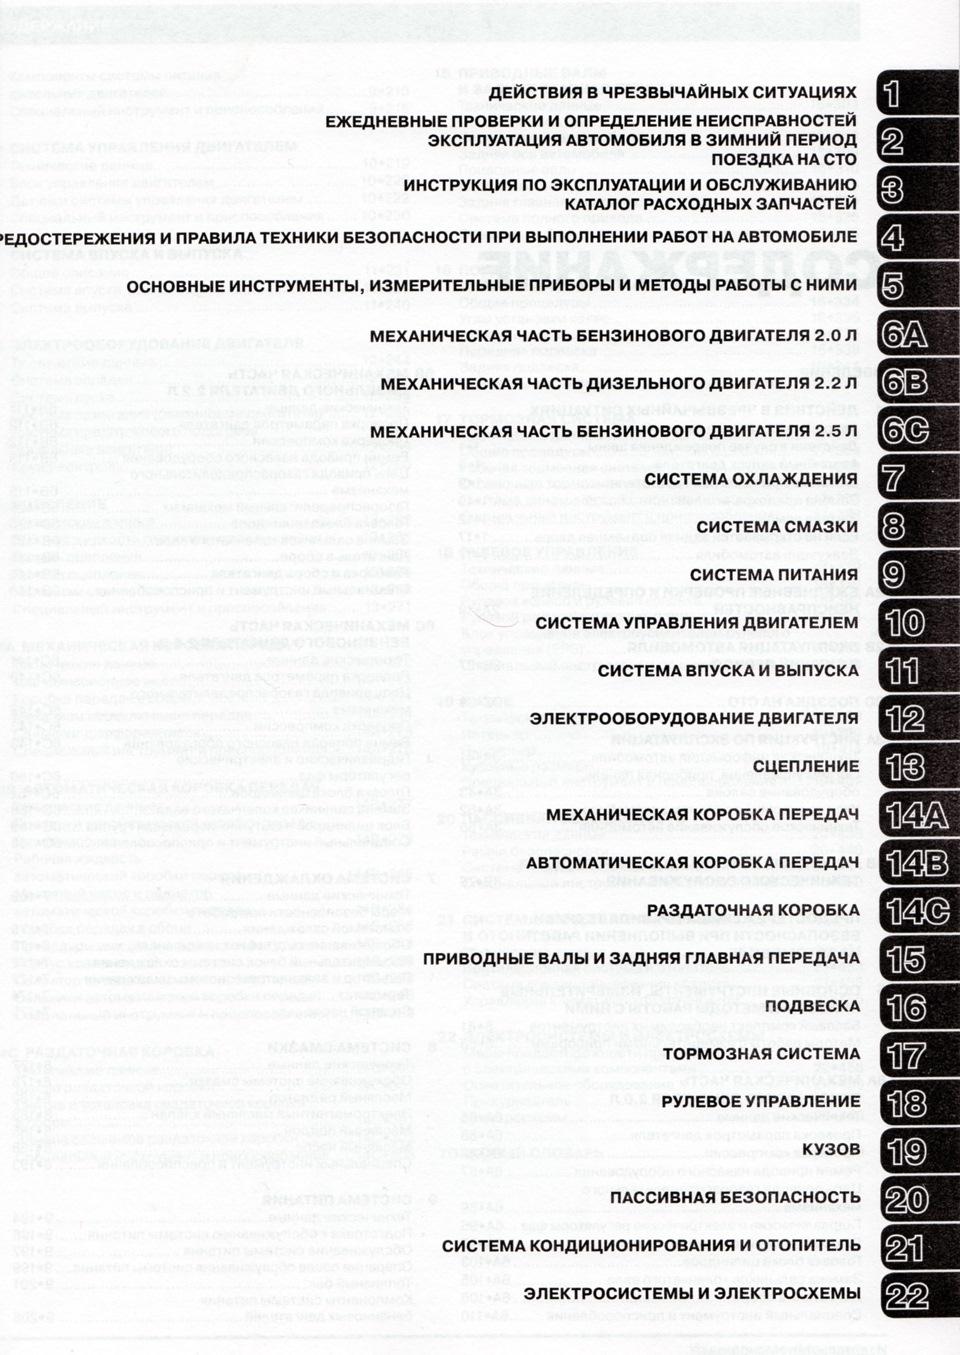 Руководство по эксплуатации Jcb 3cx Super - картинка 1